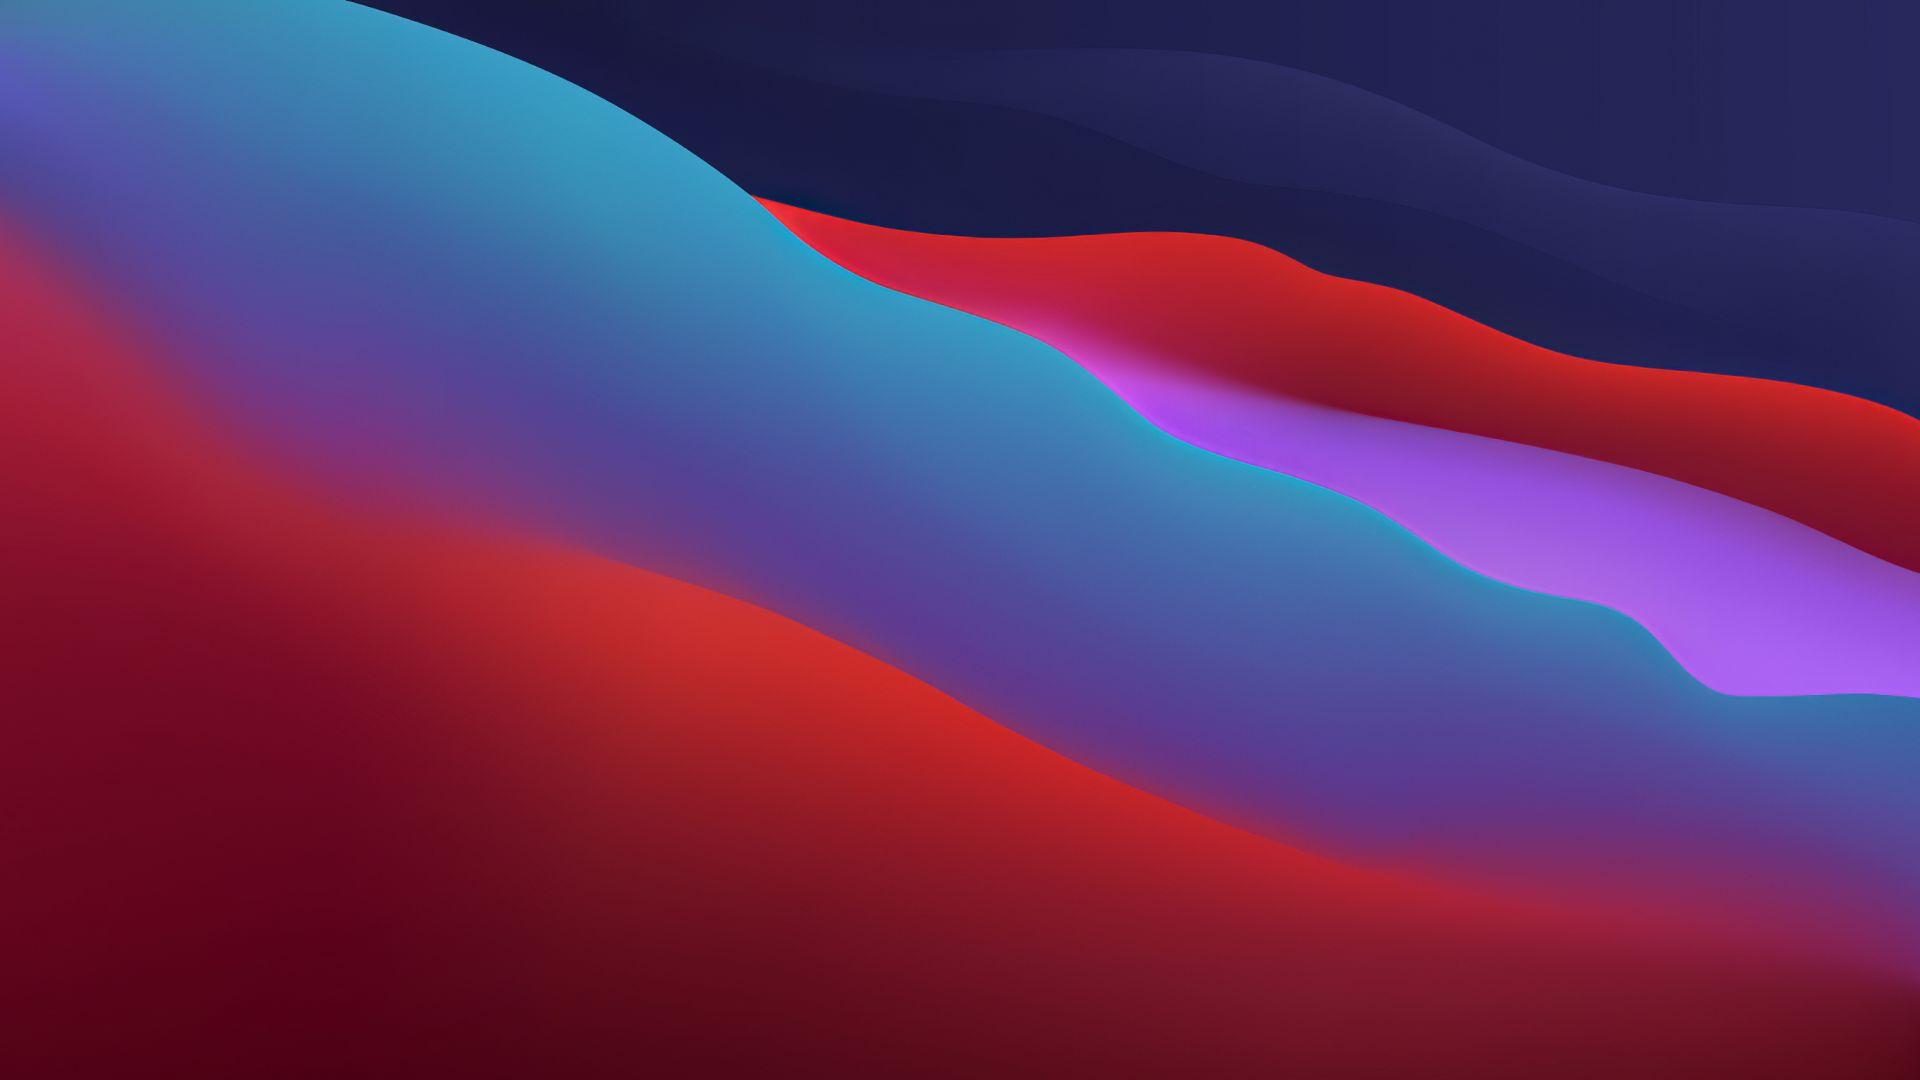 Wallpaper Macos Big Sur Dark Wwdc 2020 Os 22655